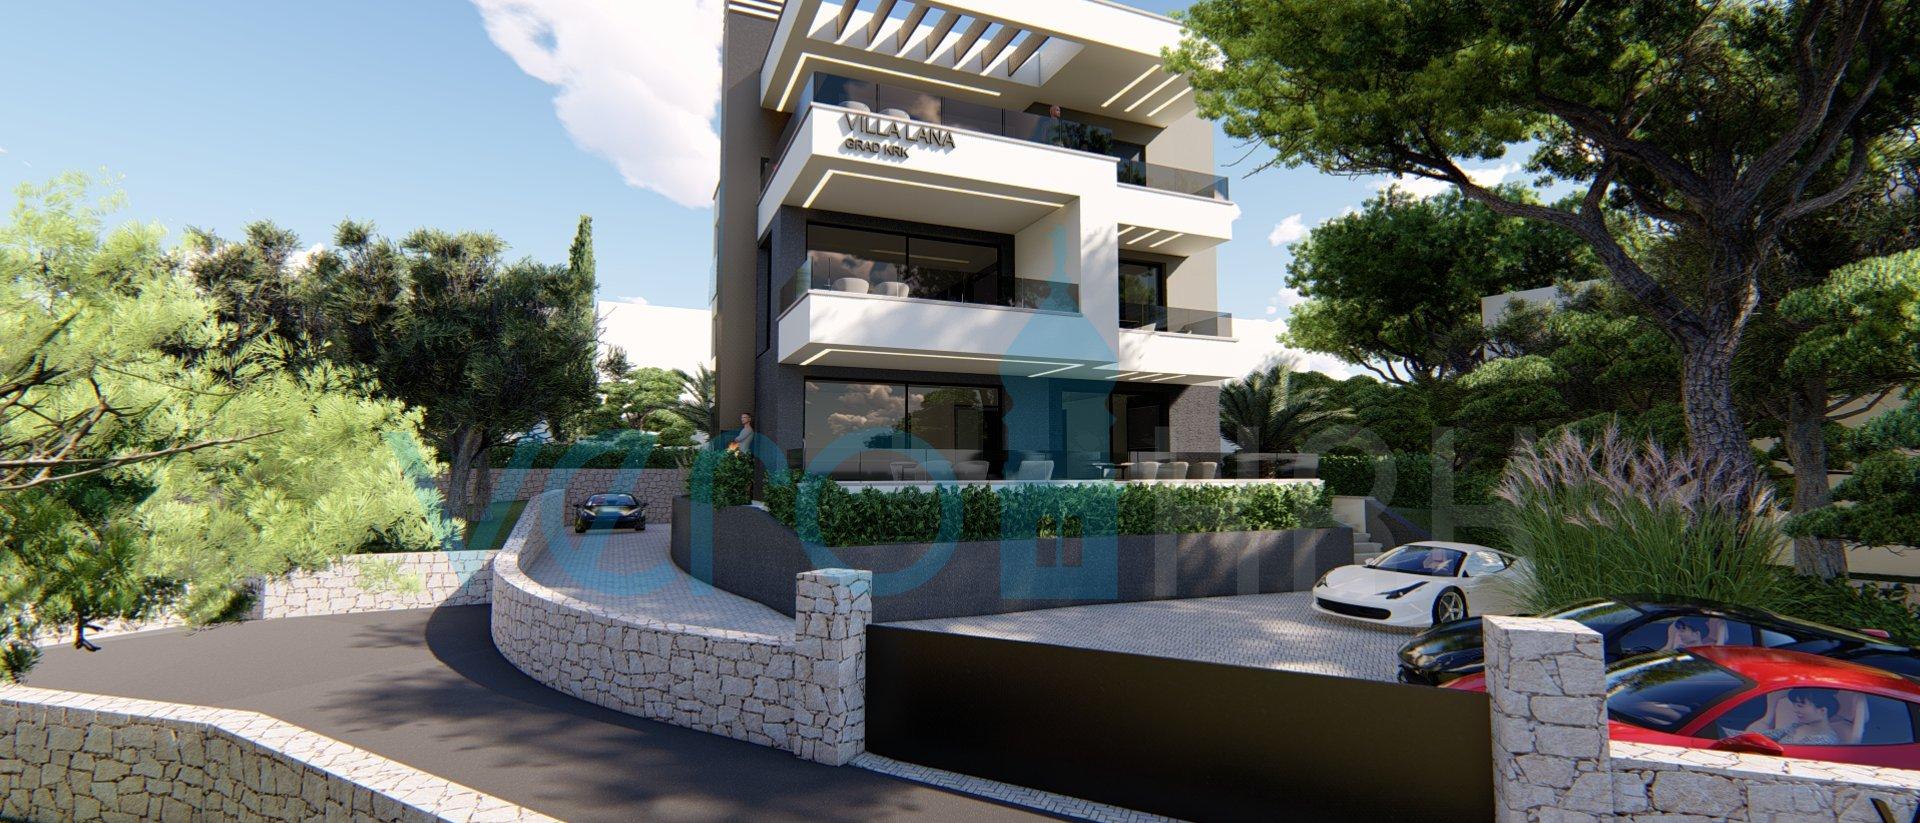 Die Stadt Krk, schöne Penthouse-Wohnung mit Blick auf das Meer und die Stadt Krk